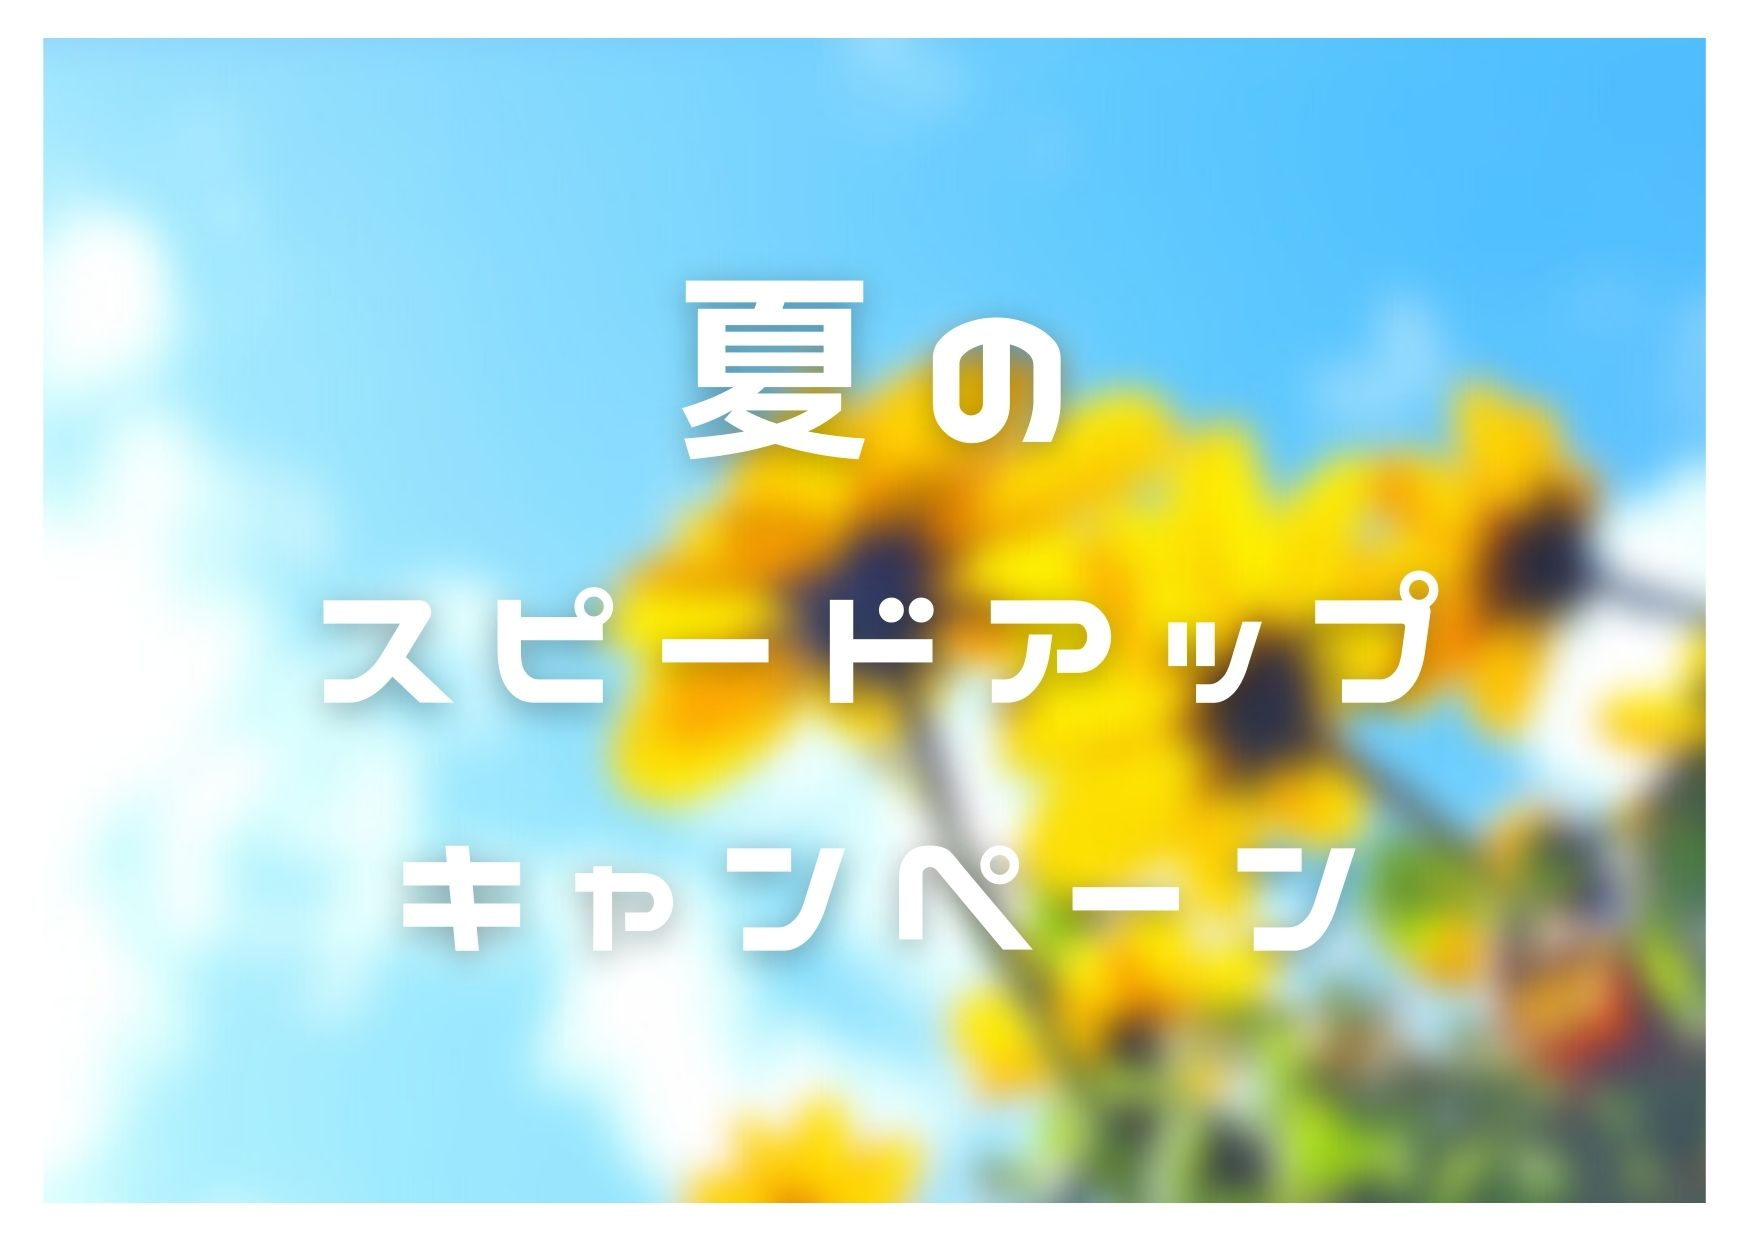 チップ販売を始めるならこの夏!【夏のスピードアップキャンペーン始まる!】